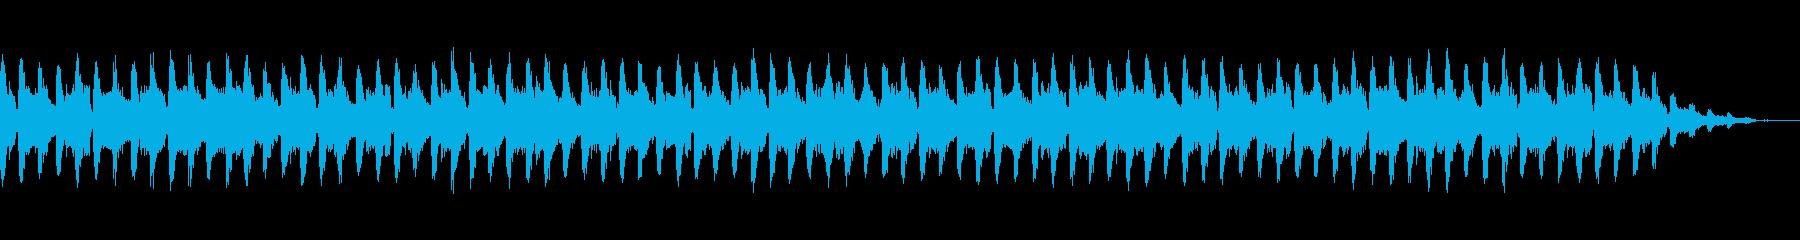 疾走感80sディスコ系ポップスの再生済みの波形